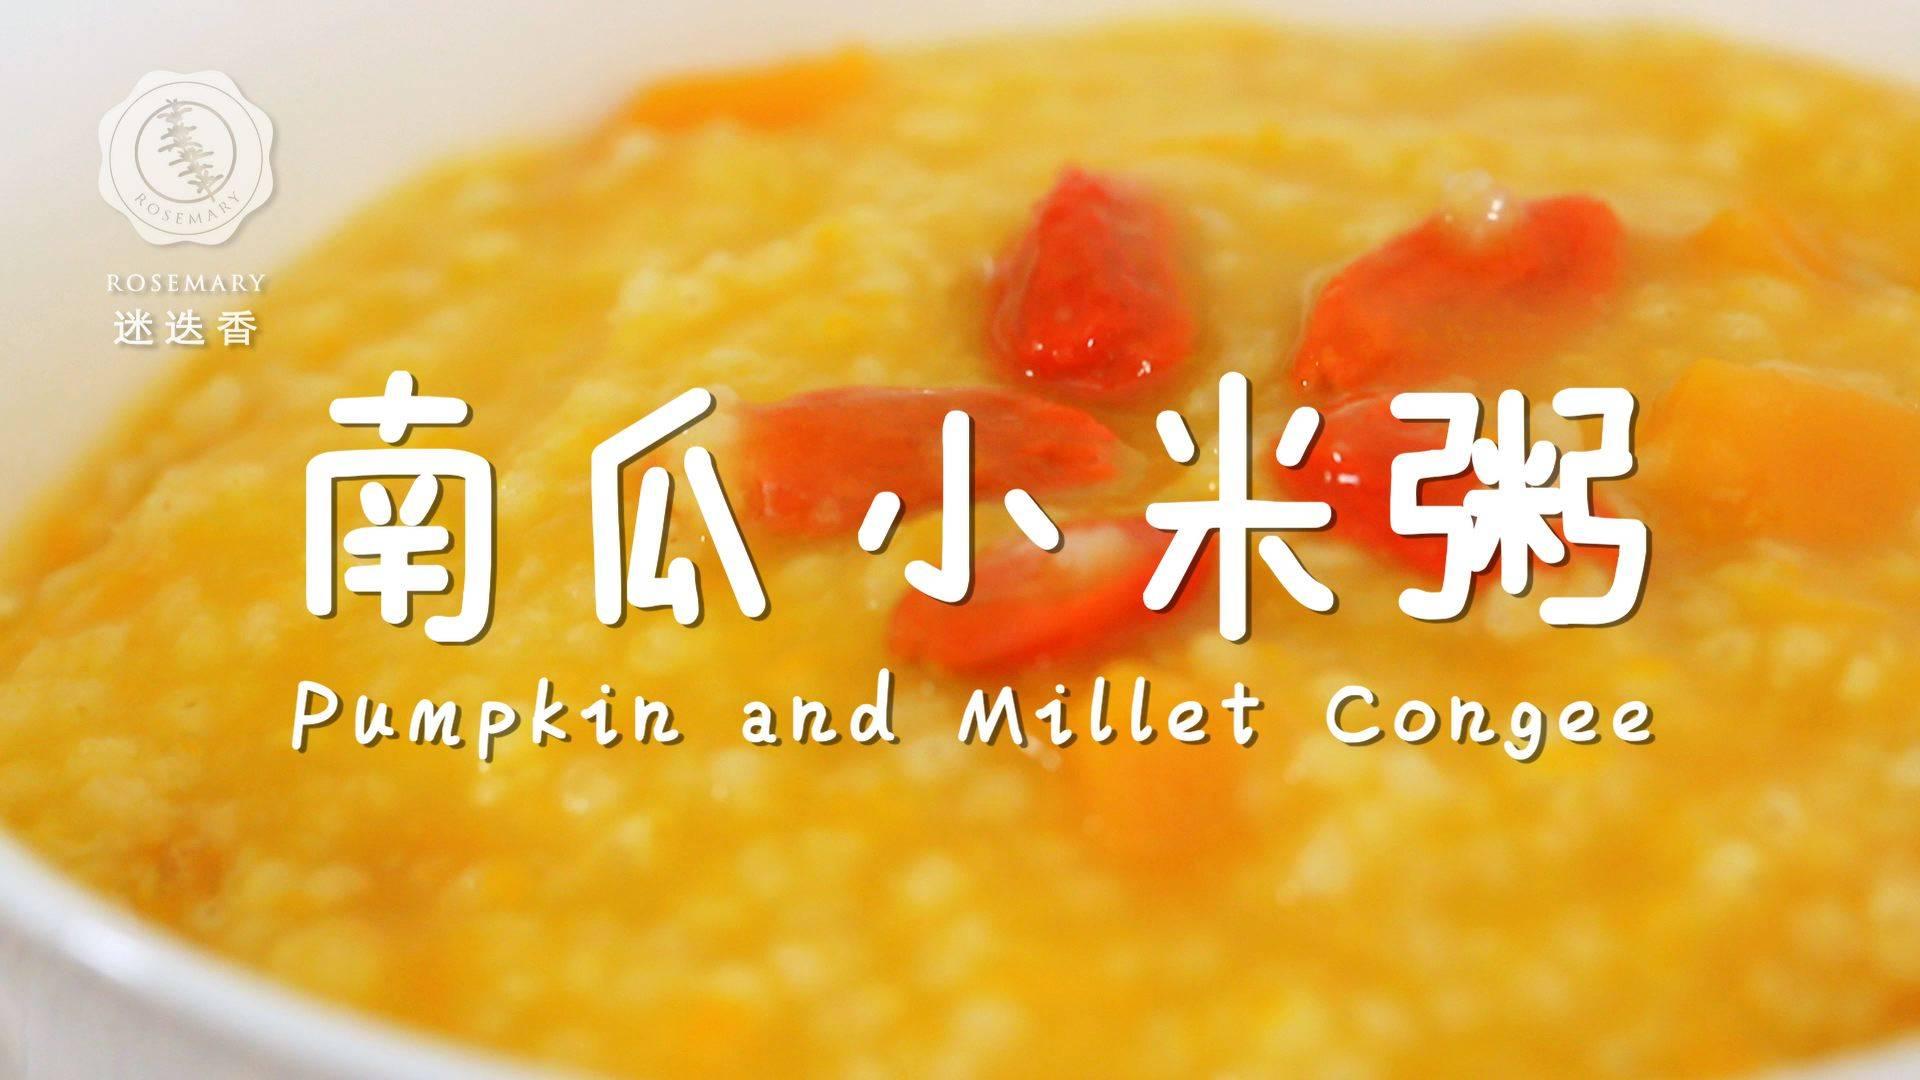 冬日暖心暖胃黄金粥,美颜养胃的快手早餐救星!